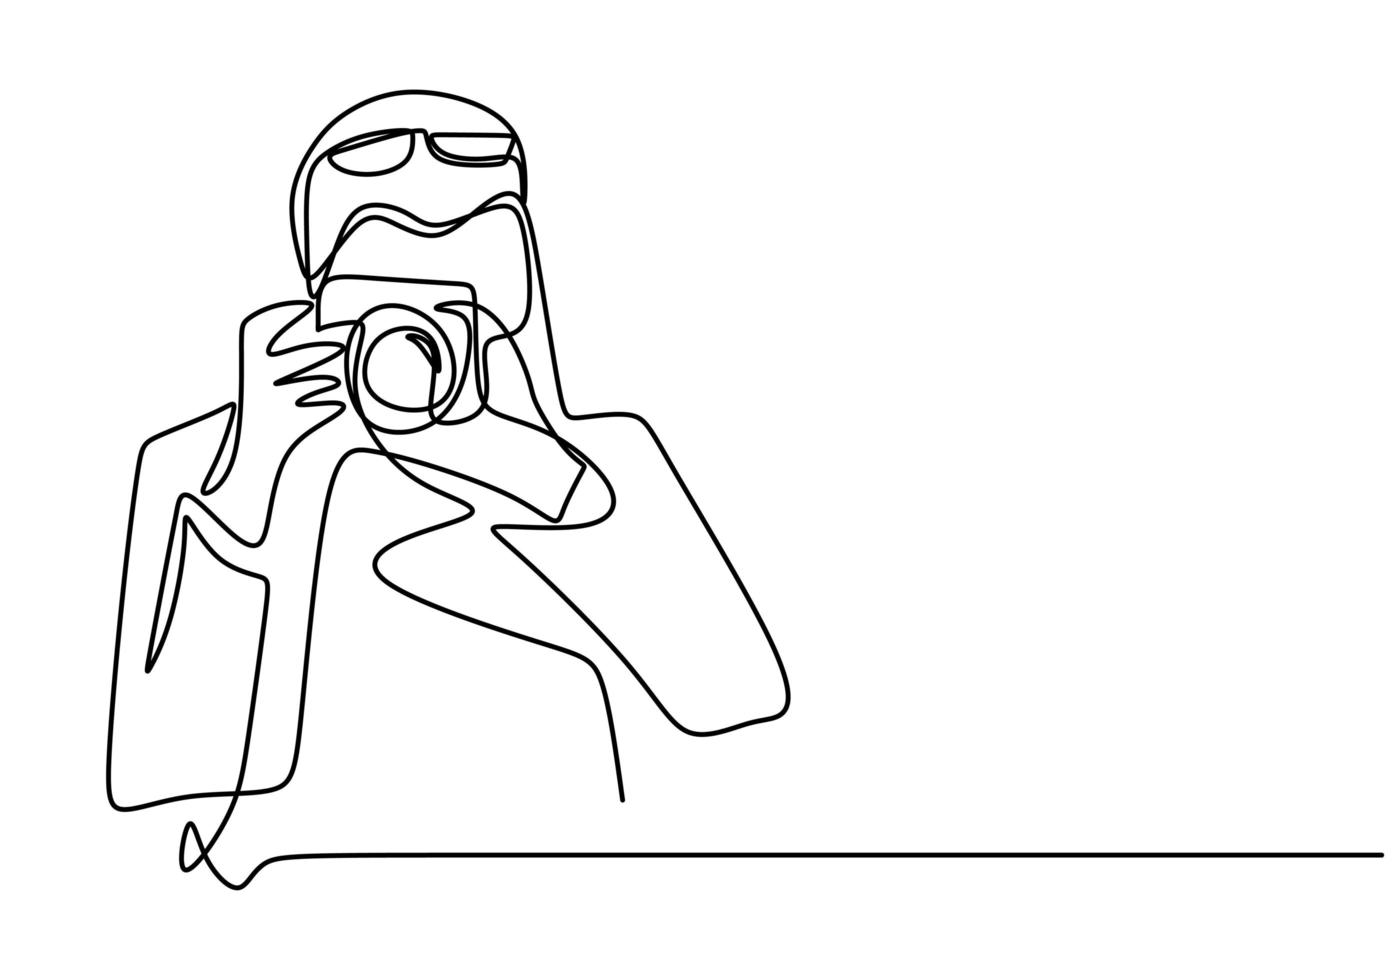 Fotograf kontinuierliche einzeilige Illustration. Mann macht Foto. Kerl, der mit Fotokamera schießt. kontinuierliche einzeilige Zeichnung, Vektorillustration. vektor